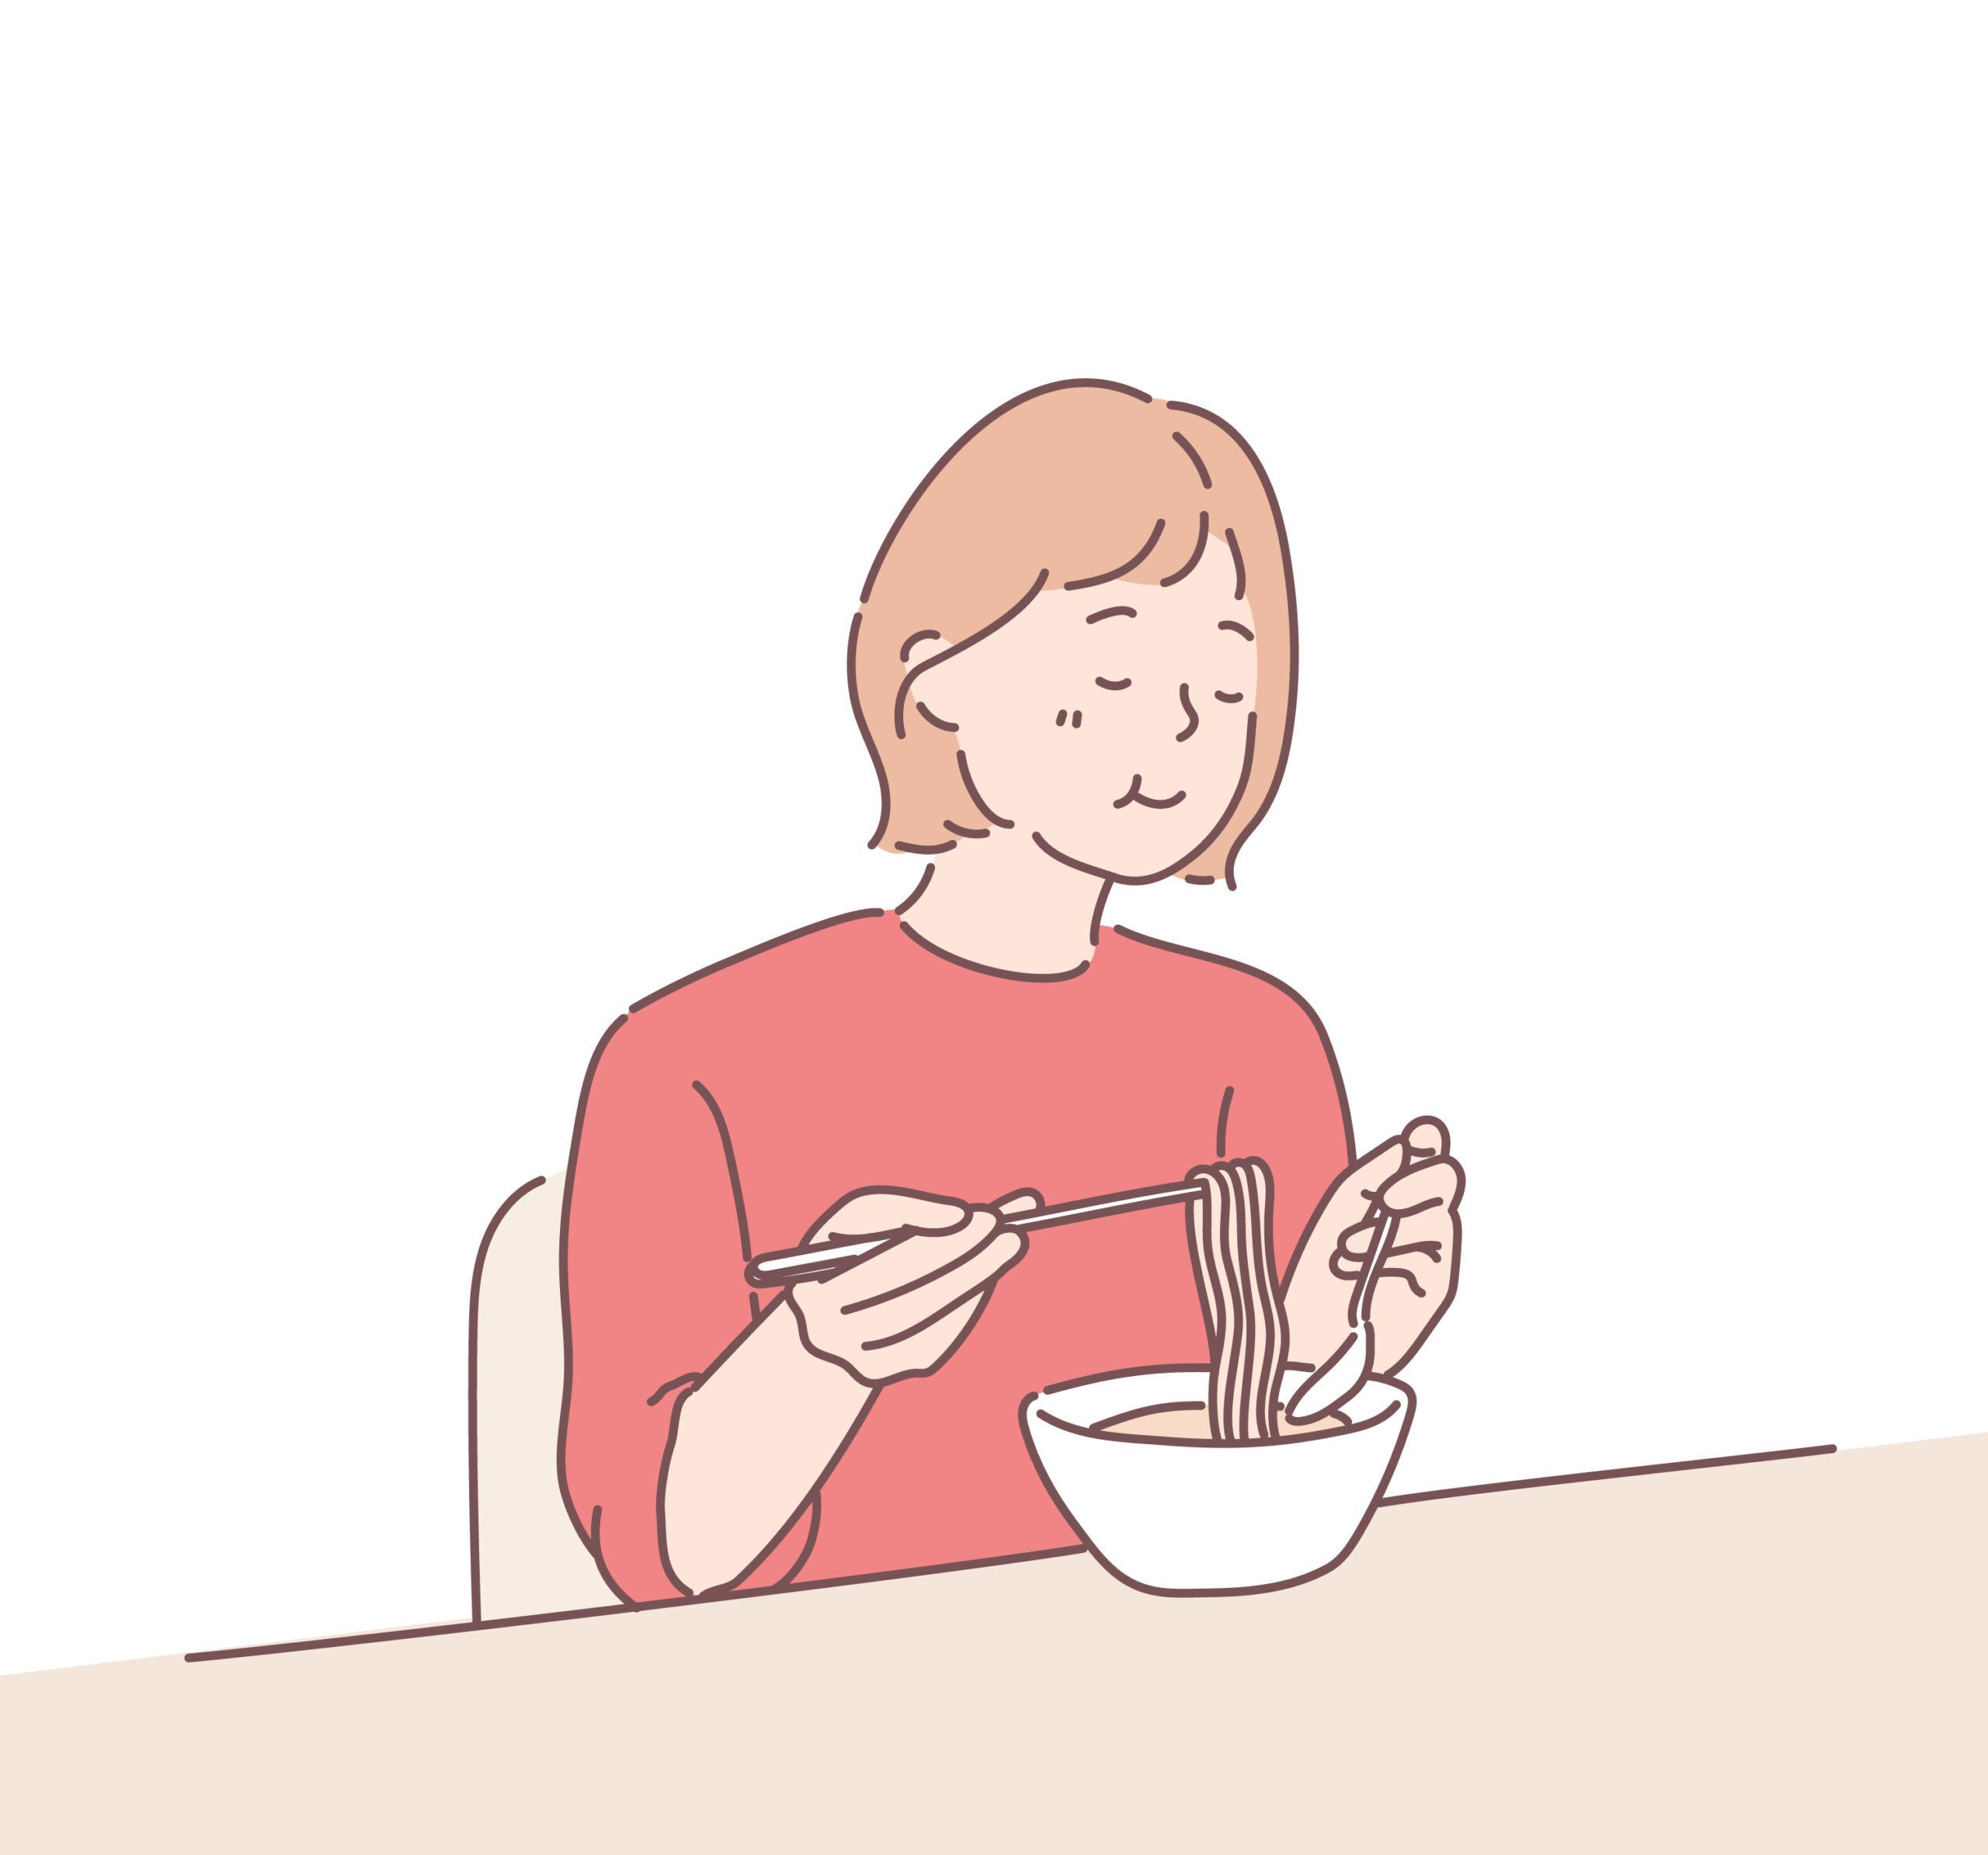 食べながら話す